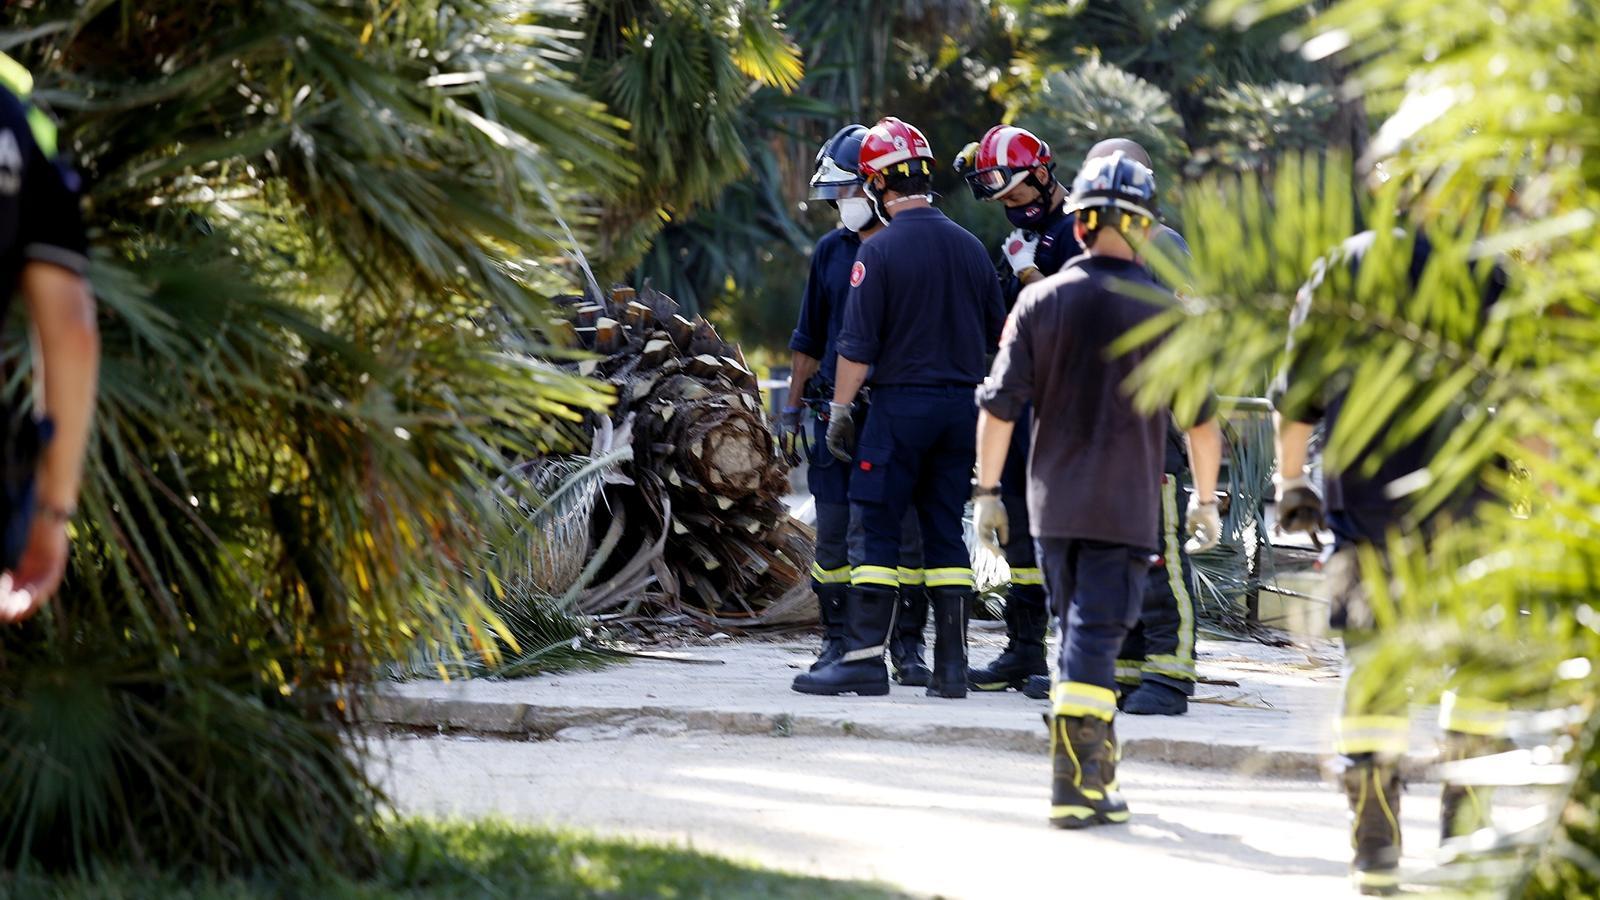 La palmera s'ha trencat pel terç superior del tronc de l'arbre, per causes que encara s'estan investigant